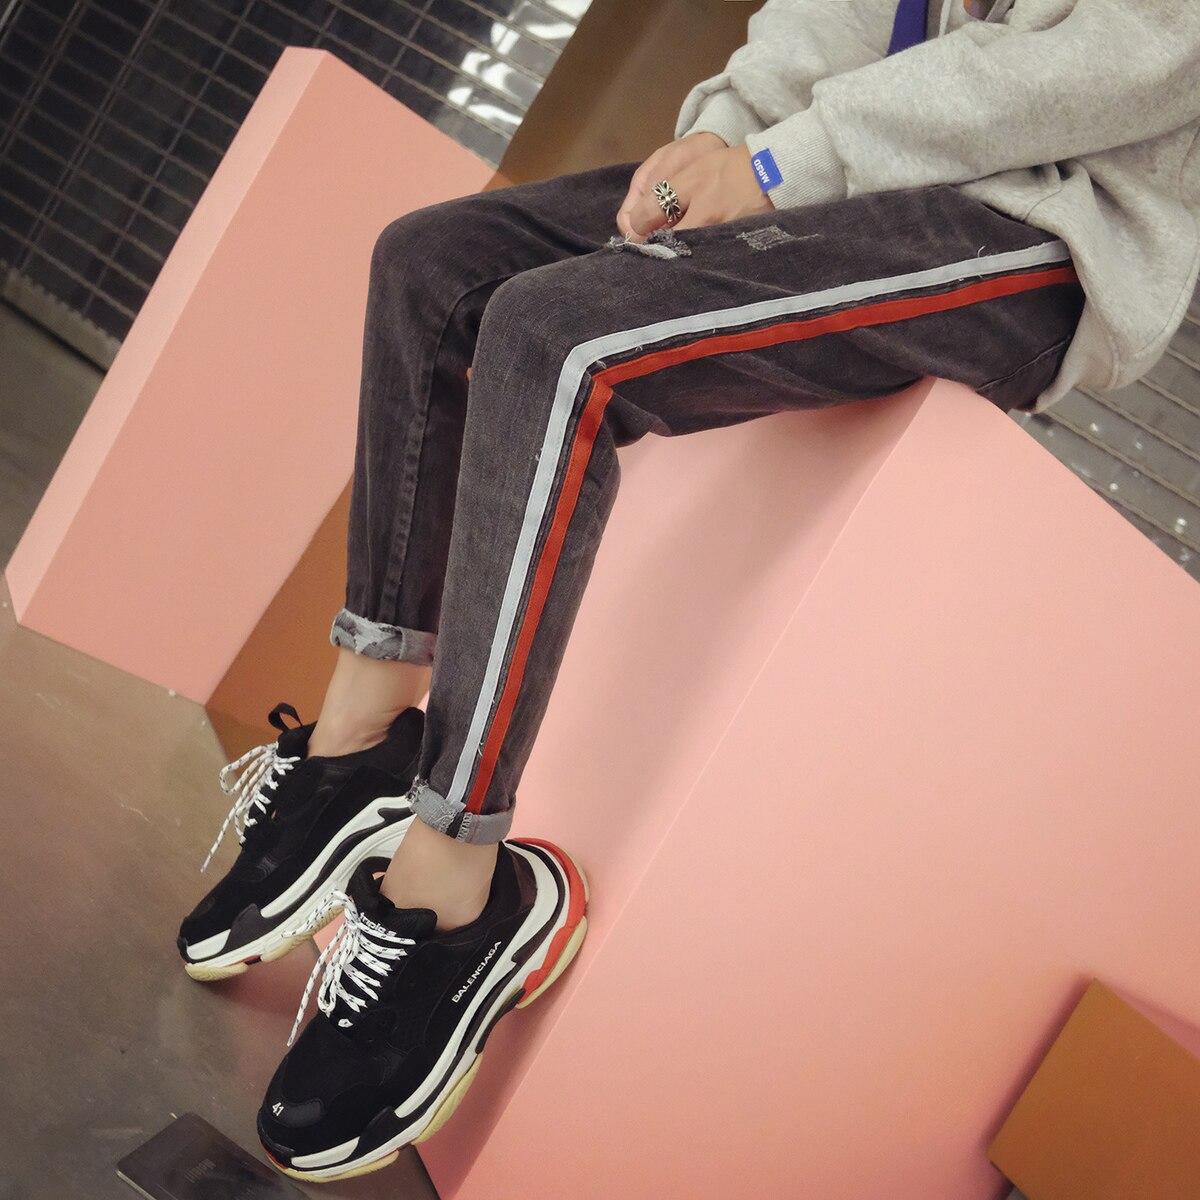 2018 Для мужчин японский Стиль карандаш Брюки для девочек новый ткань принести украсить отверстия Джинсы для женщин Повседневное промывают Ш... ...